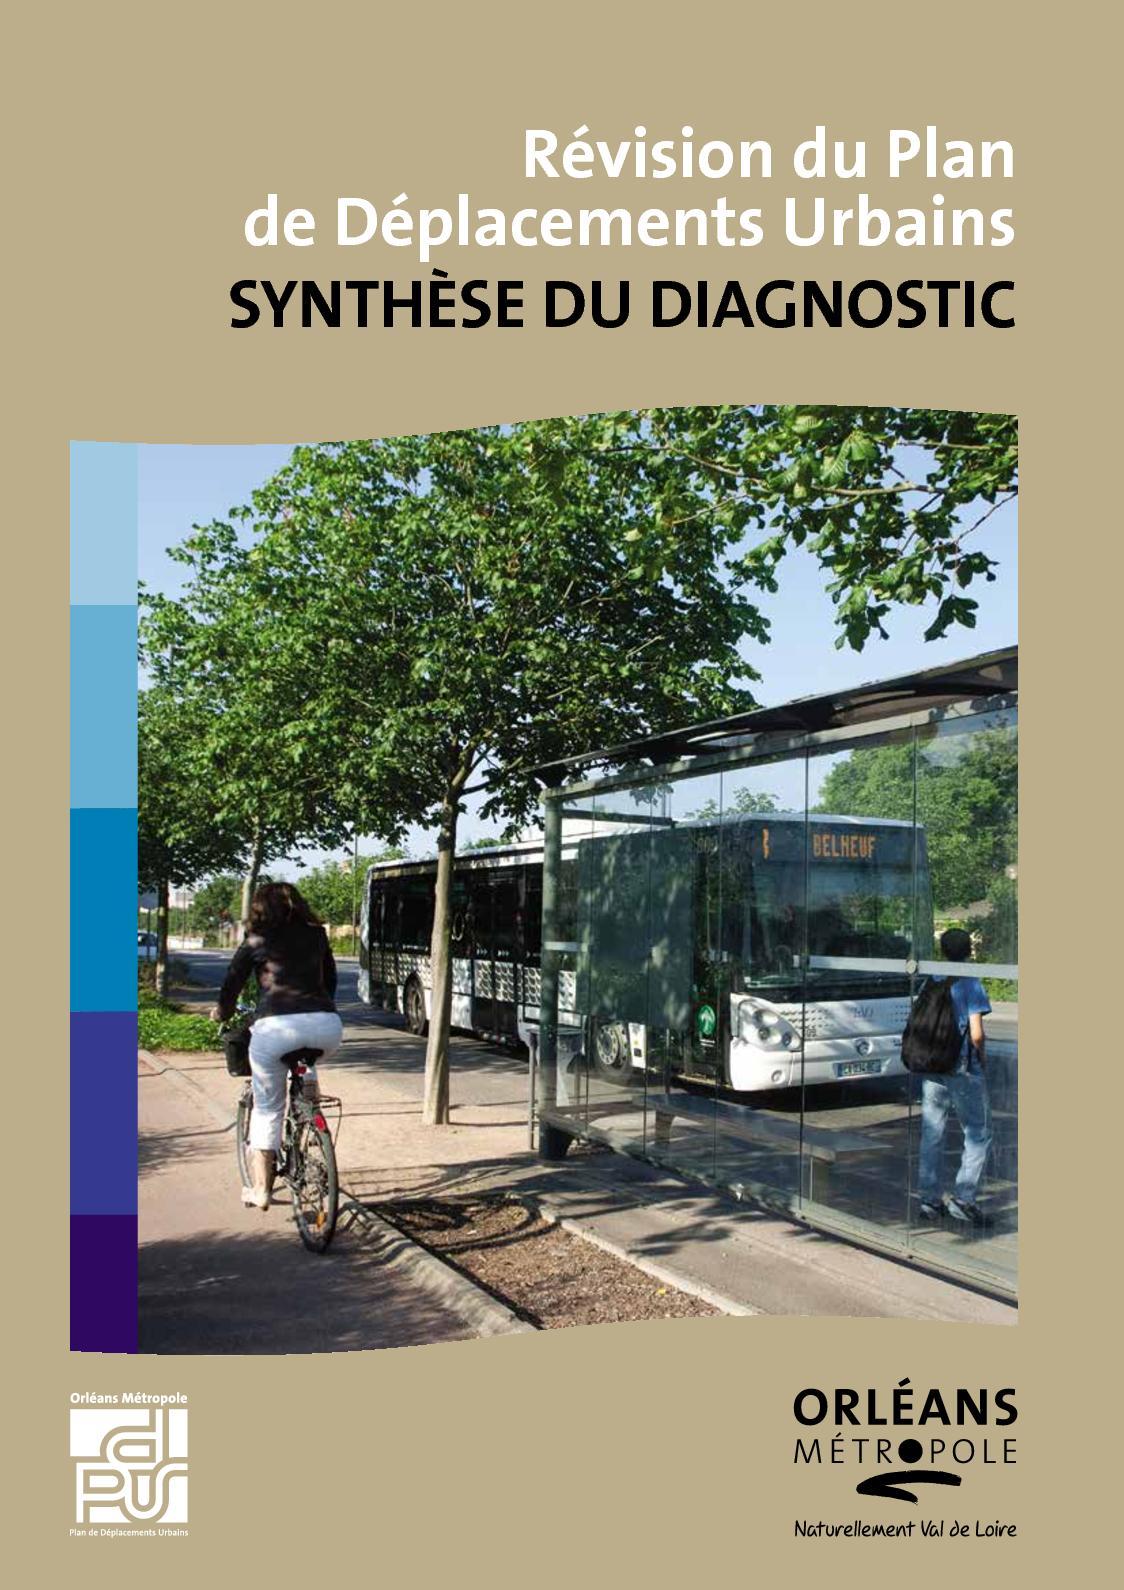 Révision du Plan de Déplacements Urbains - Synthèse du diagnostic